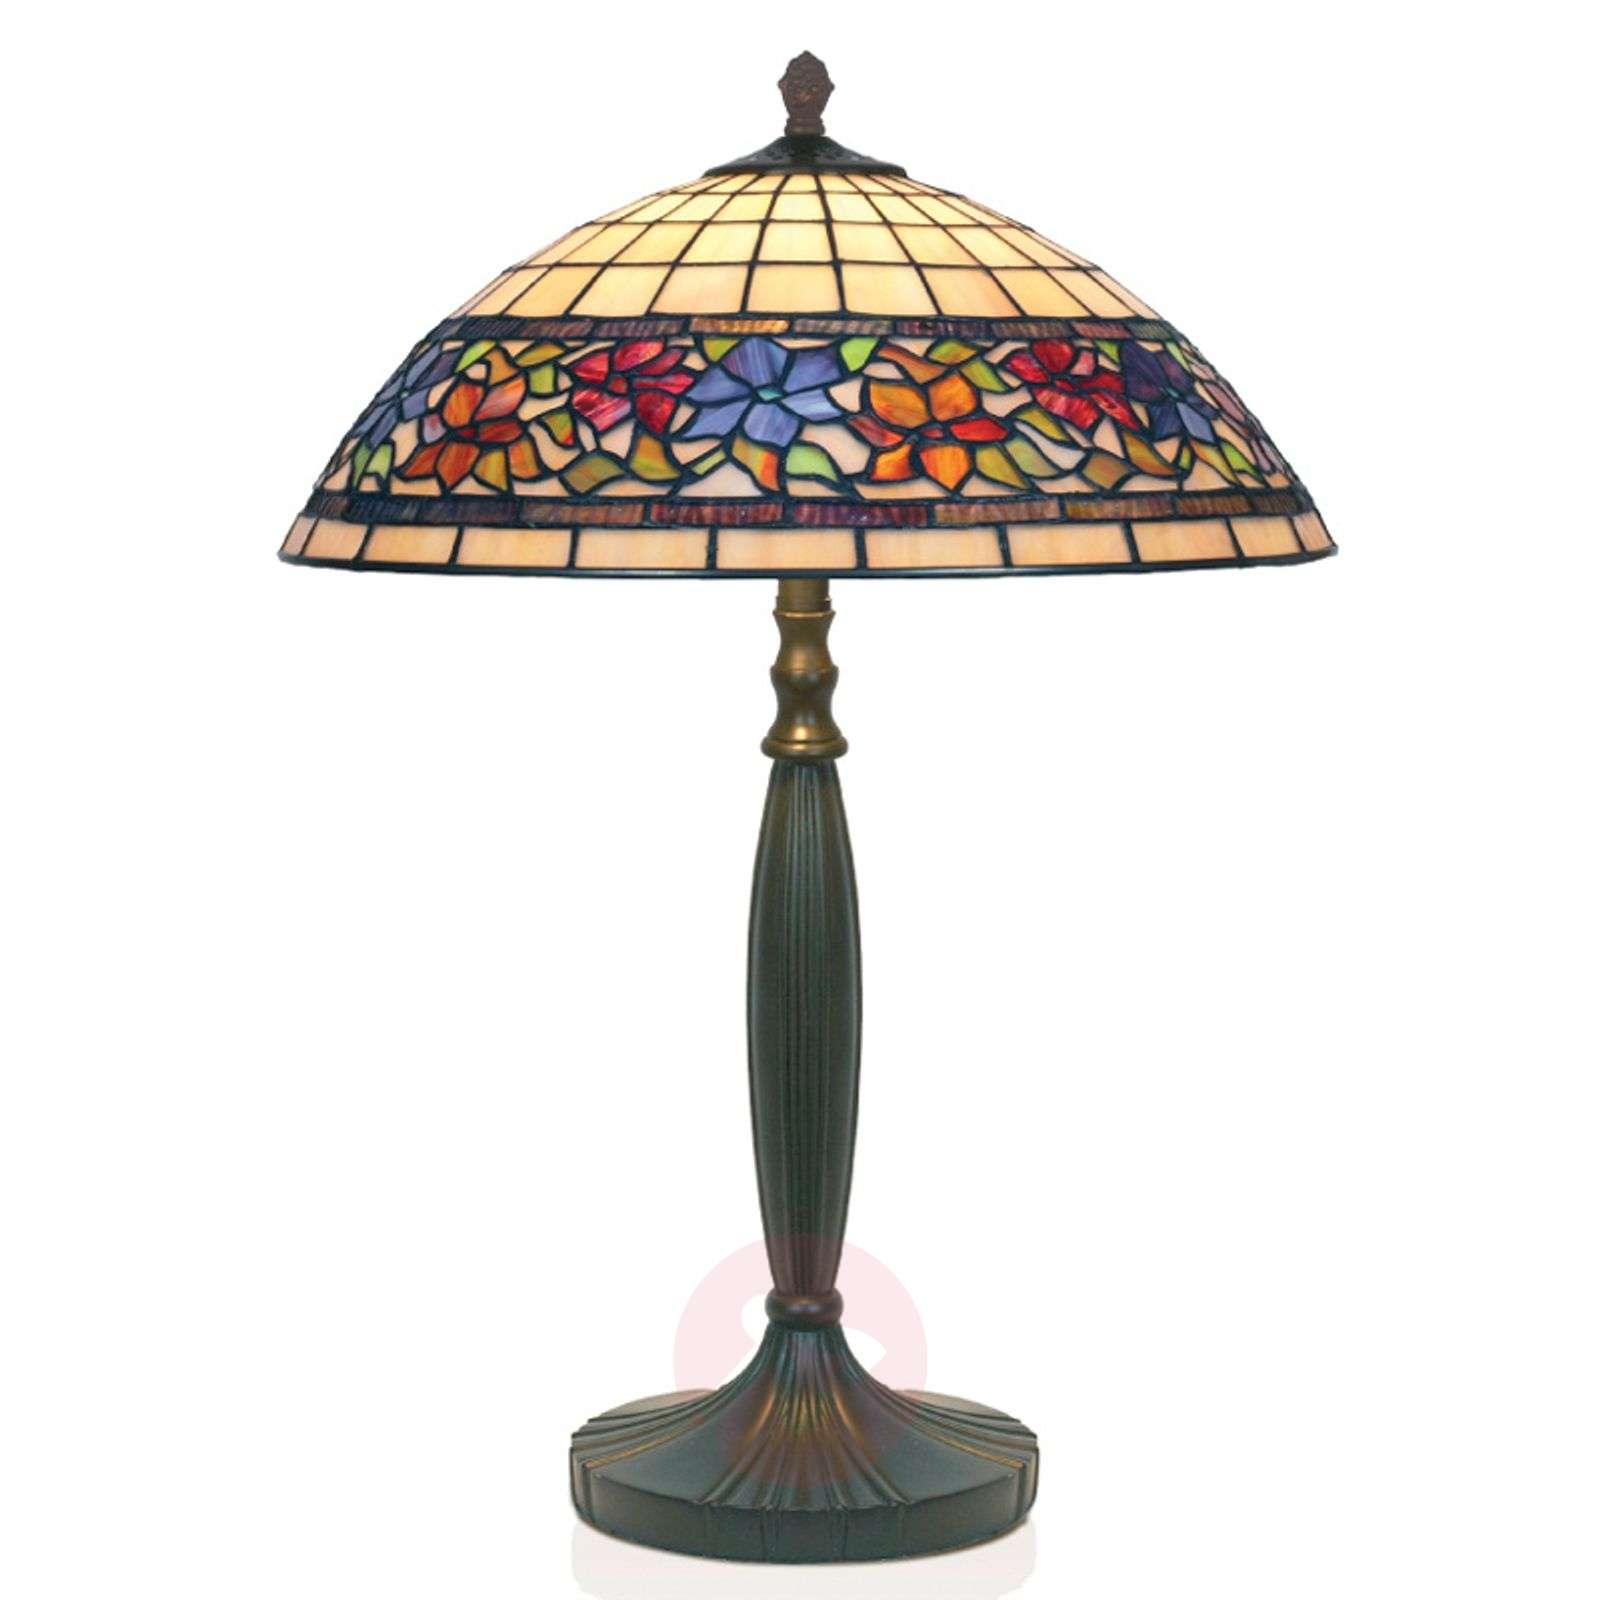 Tiffany-tyylinen, käsintehty FLORA-pöytävalaisin-1032128-01